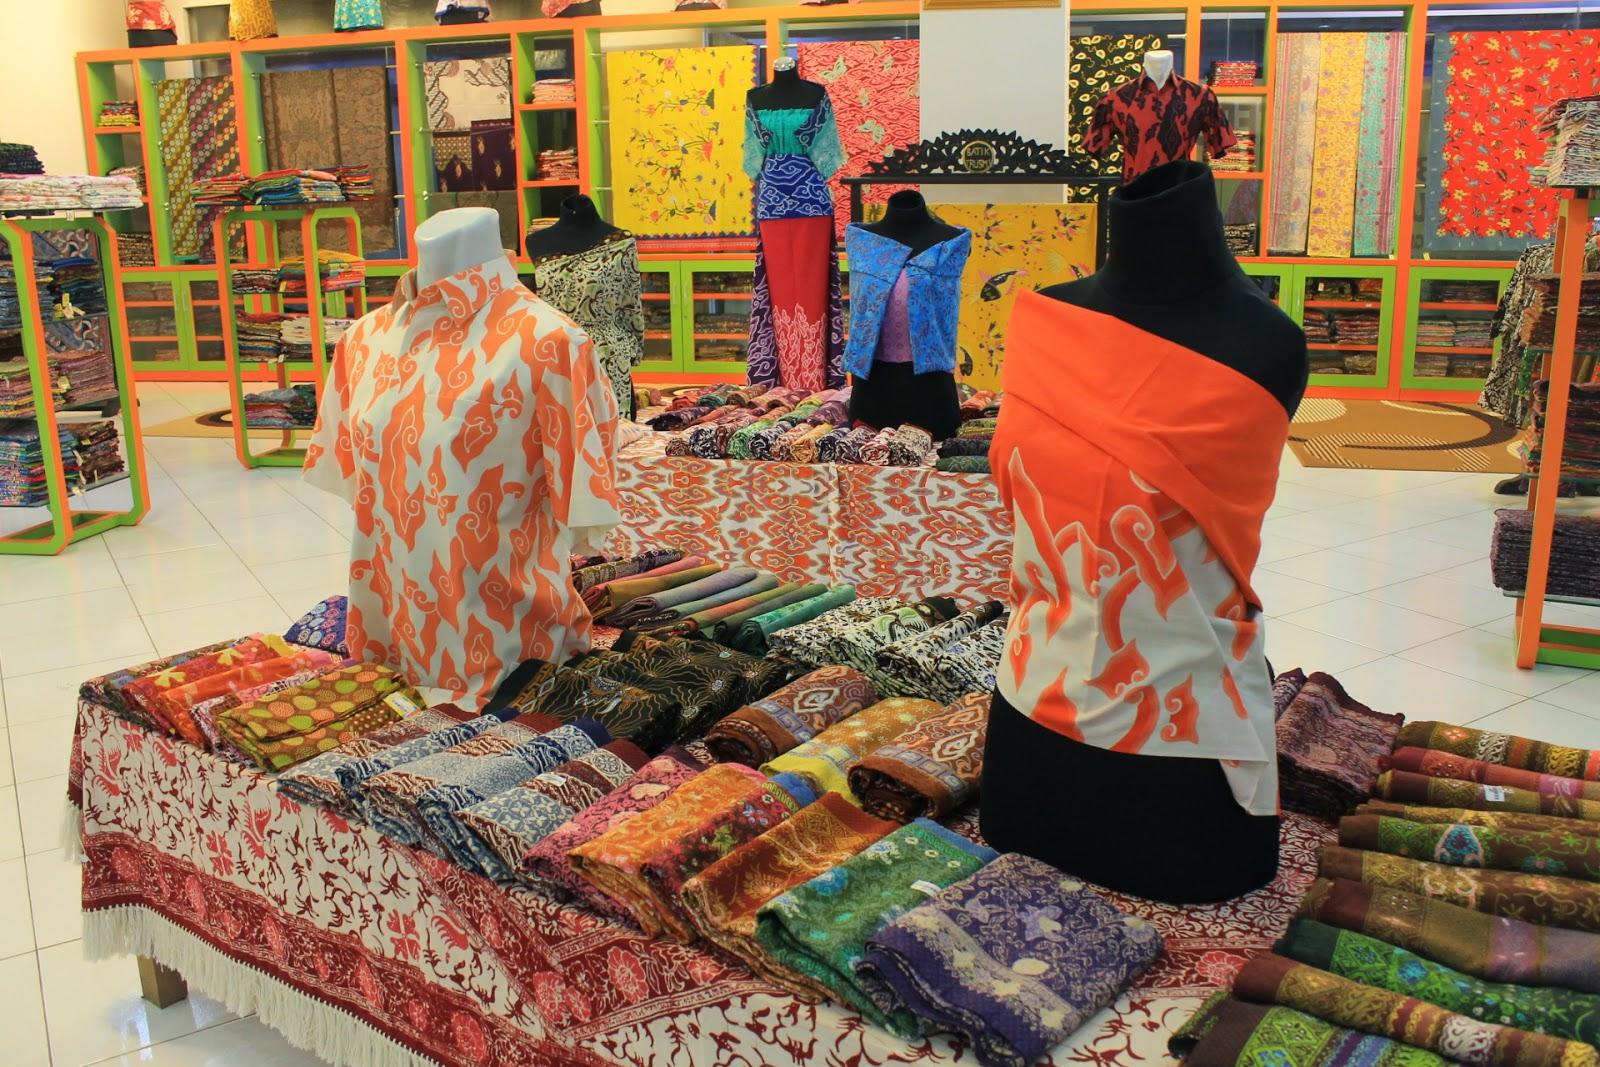 Pusat Grosir Baju Batik Trusmi Di Tanah Abang  Pasar Grosir Tanah